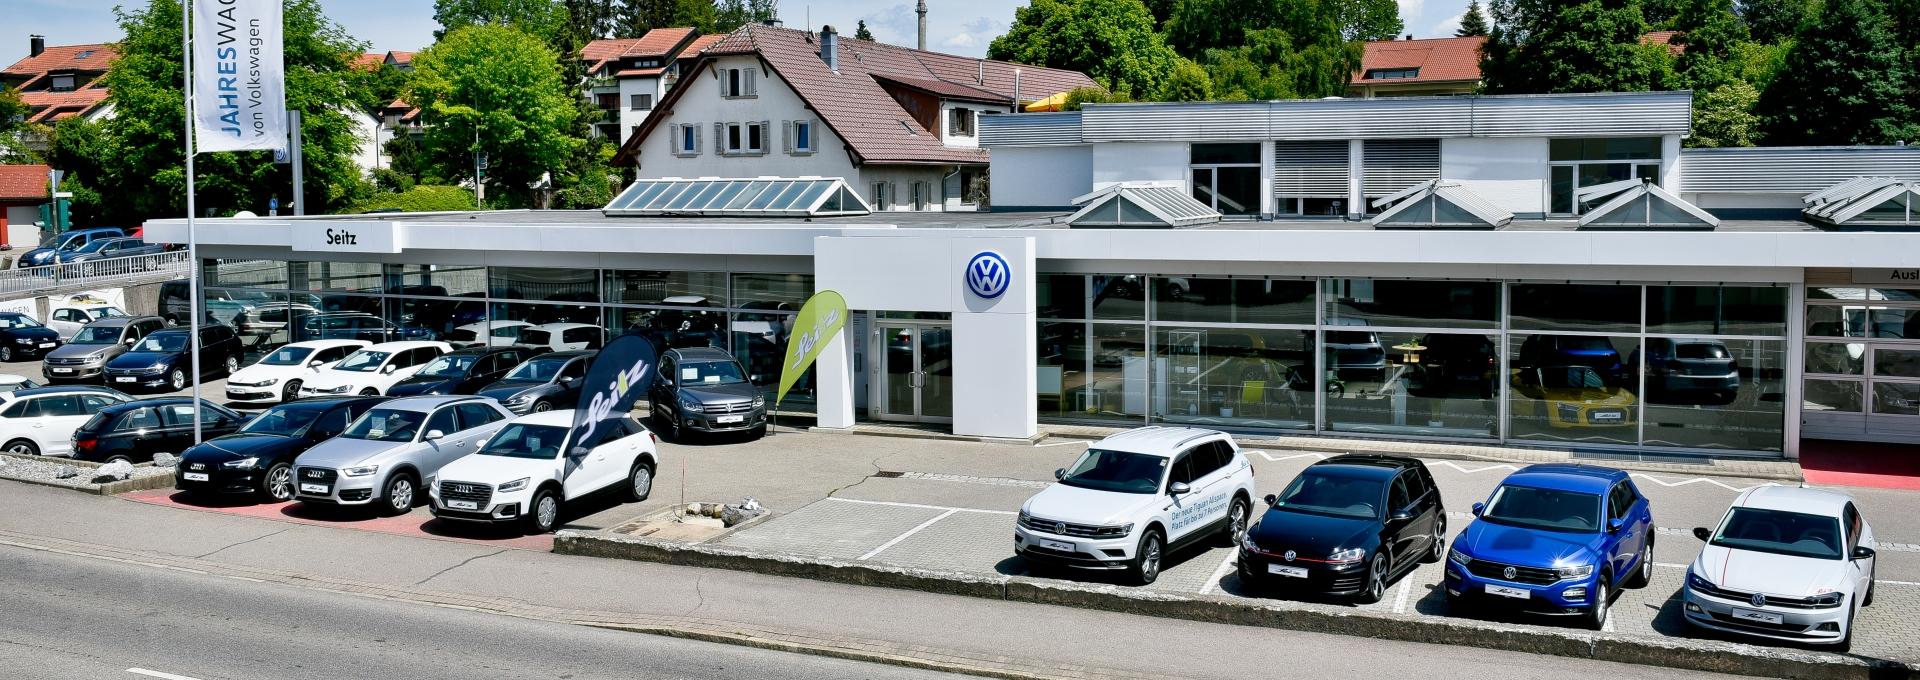 autohaus seitz wangenvw pkw+ nutzfahrzeuge | autohaus seitz